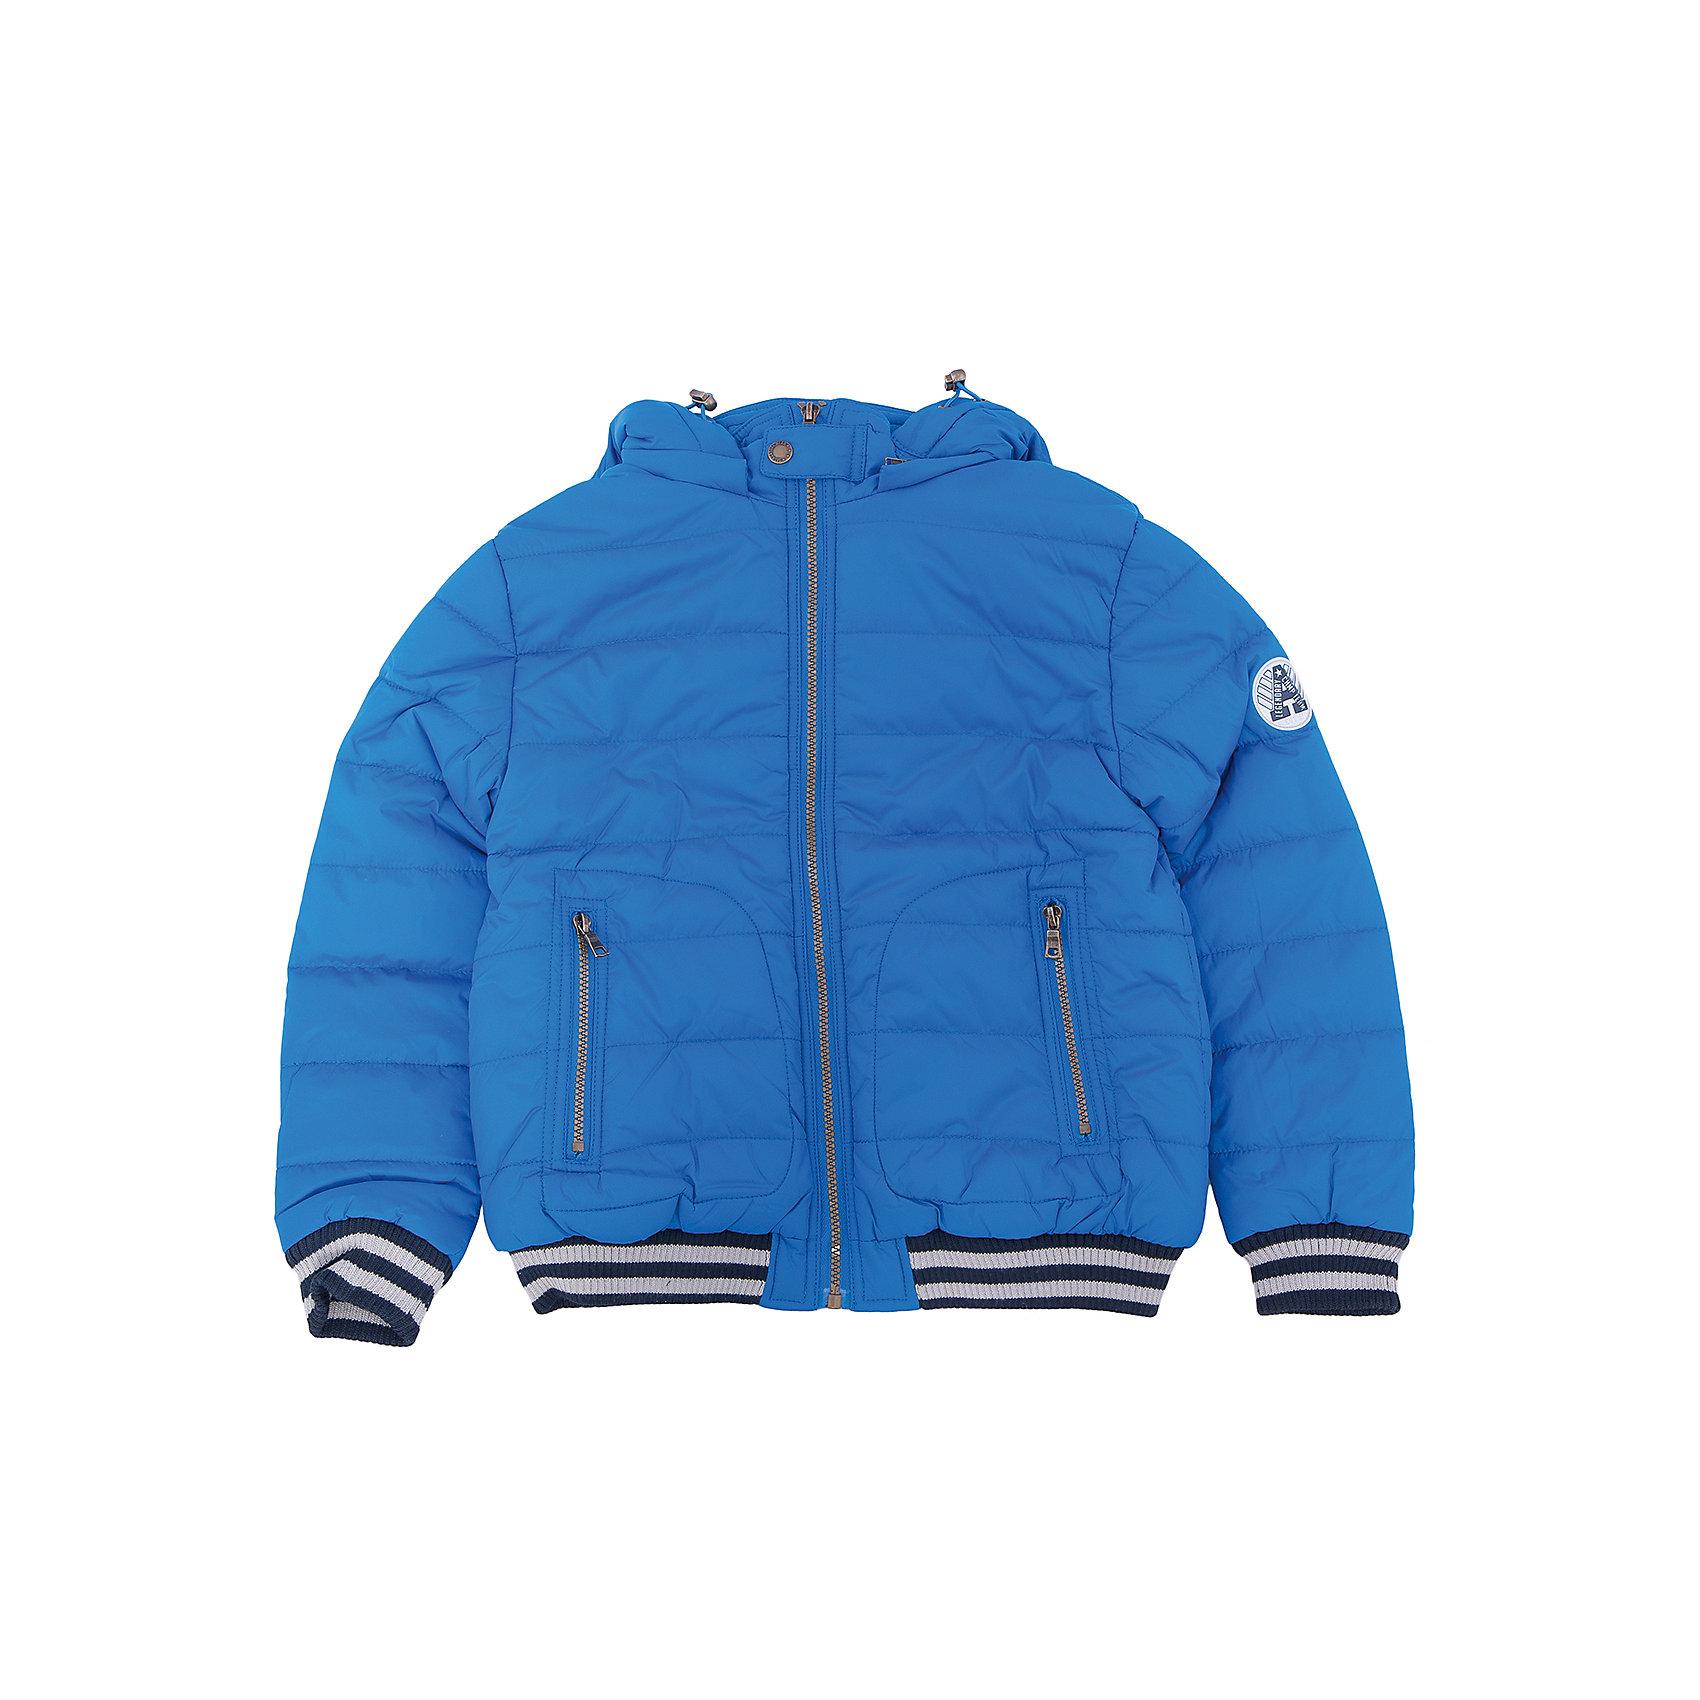 Куртка для мальчика SELAВерхняя одежда<br>Верхняя Детская одежда от SELA - это качество и отличные цены. Куртка для мальчика из новой коллекции сделает образ ребенка стильным и не позволит замерзнуть осенью. Яркие цвета модели не теряют сочность со временем. Куртка застегивается на молнию, что понравится любому ребенку. <br>Модель имеет резинки на рукавах и на подоле, которые отлично защищают от ветра и придают «изюминку» изделию.<br>Все материалы, использованные в создании изделия,  отвечают современным требованиям по качеству и безопасности продукции. <br><br>Дополнительная информация:<br><br>цвет: кобальт;<br>состав: 100% нейлон, подкладка - 65% хлопок, 35% ПЭ, утеплитель - 100% ПЭ;<br>длина до бедер;<br>силуэт прямой;<br>капюшон отстегивающийся.<br><br>Куртку для мальчика от компании SELA можно купить в нашем магазине.<br><br>Ширина мм: 356<br>Глубина мм: 10<br>Высота мм: 245<br>Вес г: 519<br>Цвет: синий<br>Возраст от месяцев: 60<br>Возраст до месяцев: 72<br>Пол: Мужской<br>Возраст: Детский<br>Размер: 140,116,152,128<br>SKU: 4912989